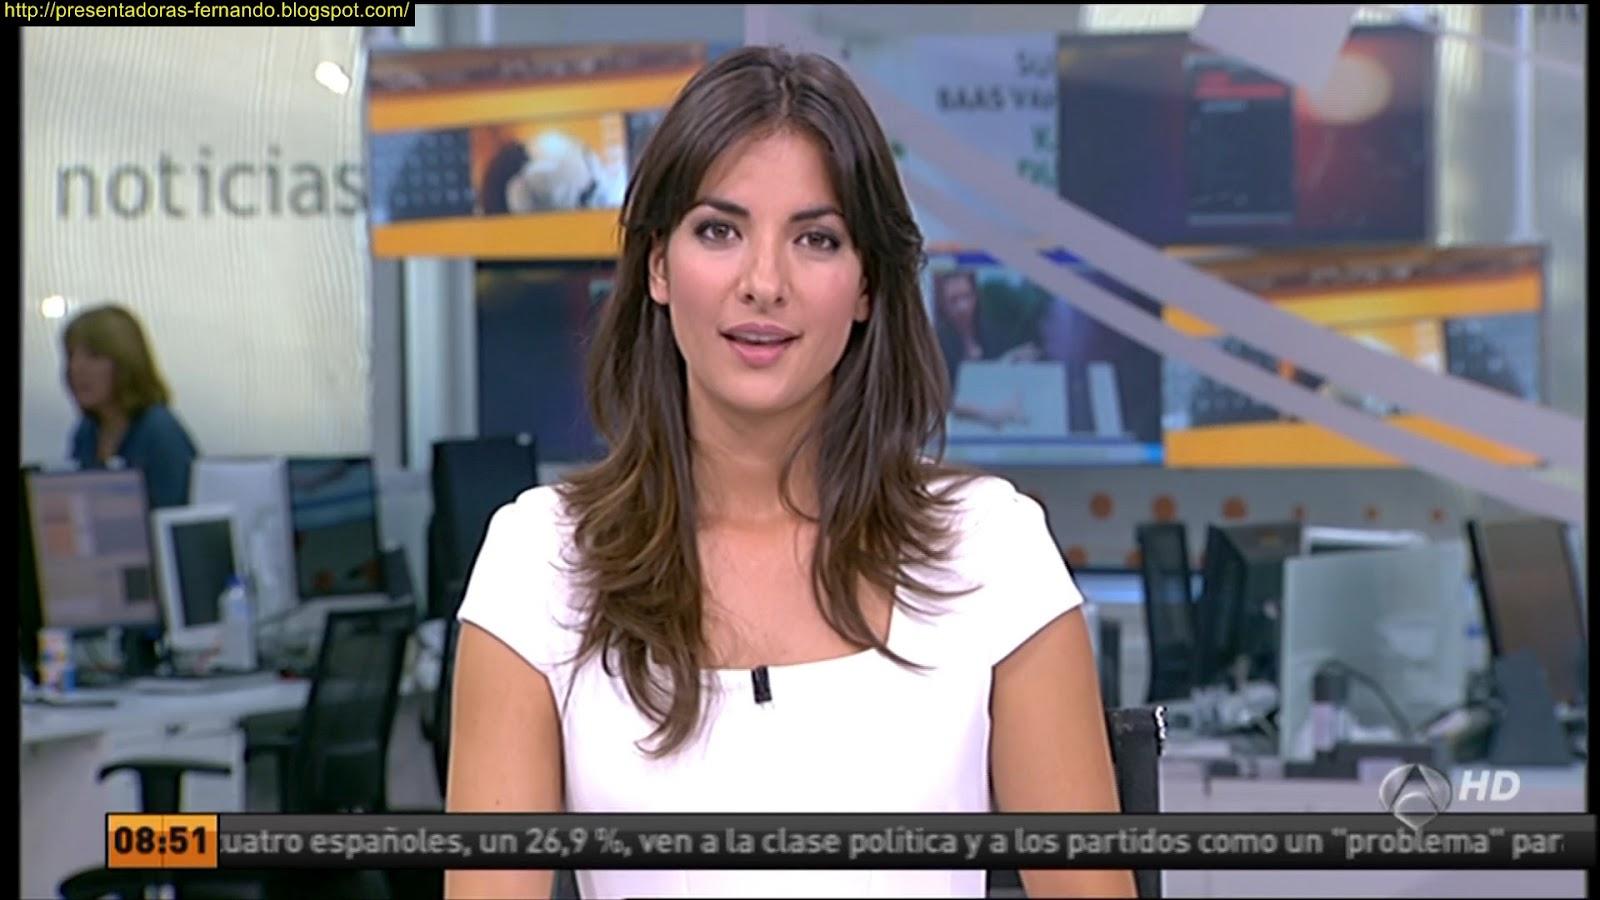 Esther Vaquero a3 Noticias 8-10-2012